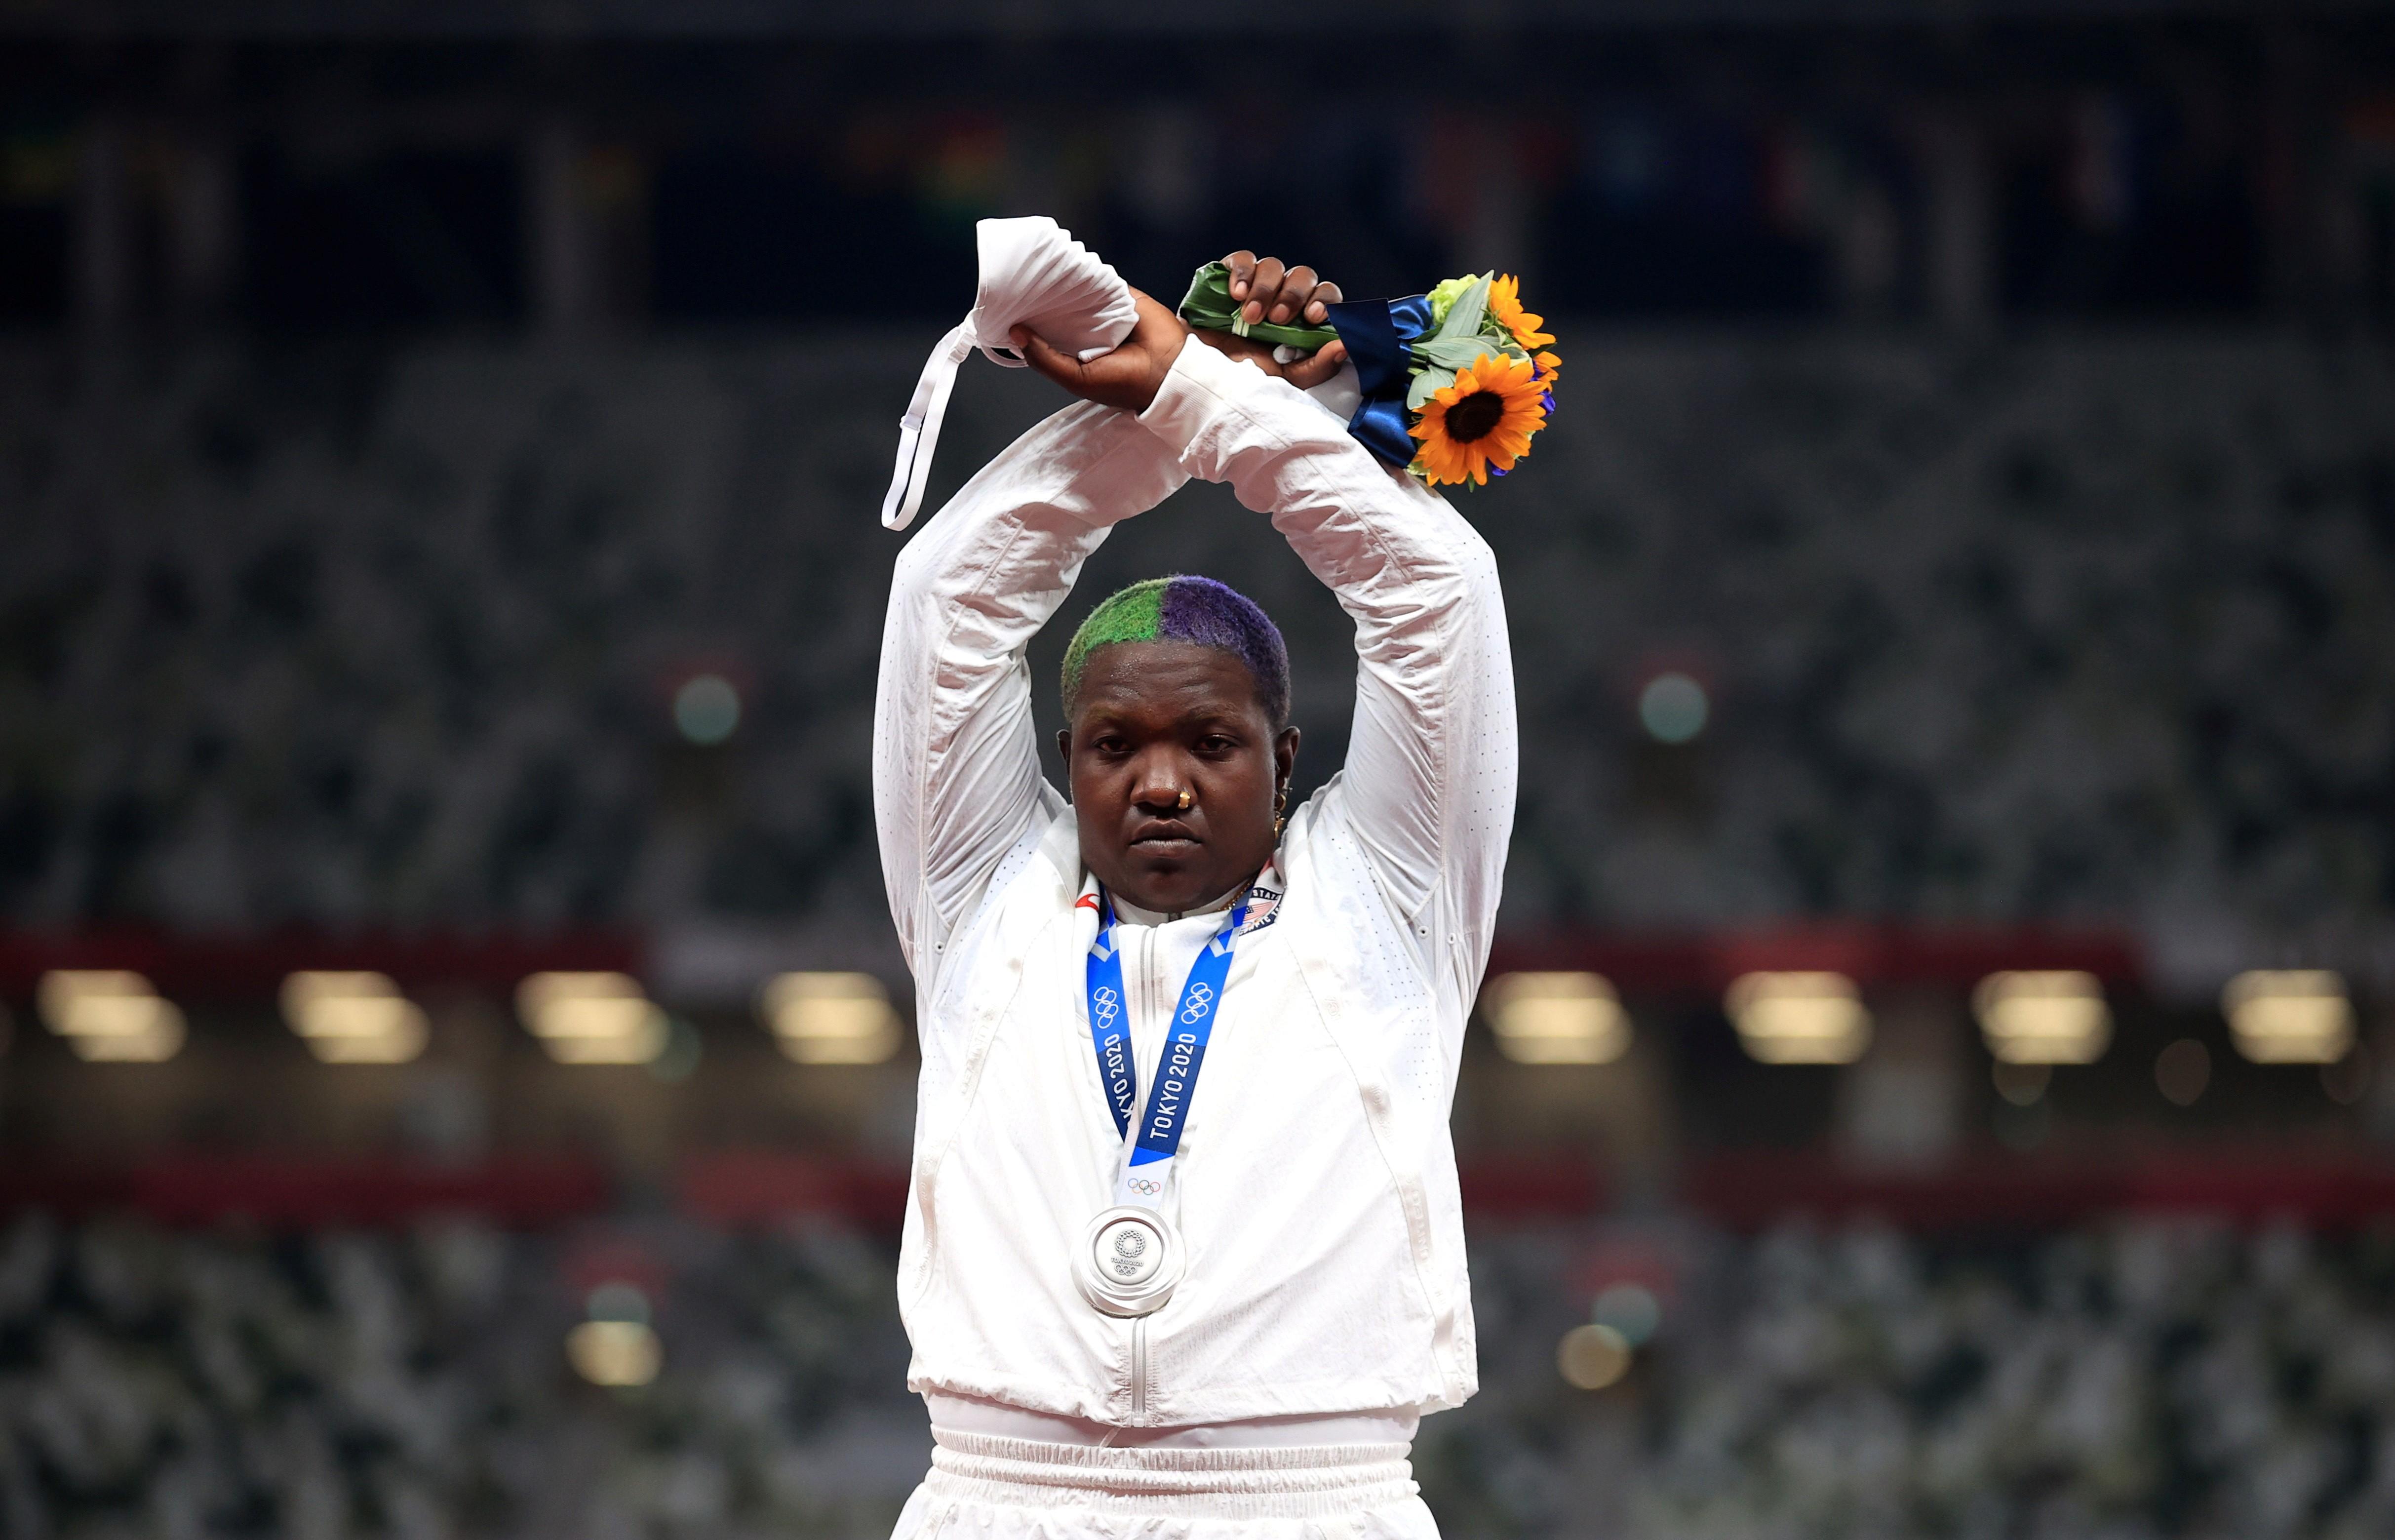 Americana cruza os punhos em 1ª manifestação nos pódios das Olimpíadas